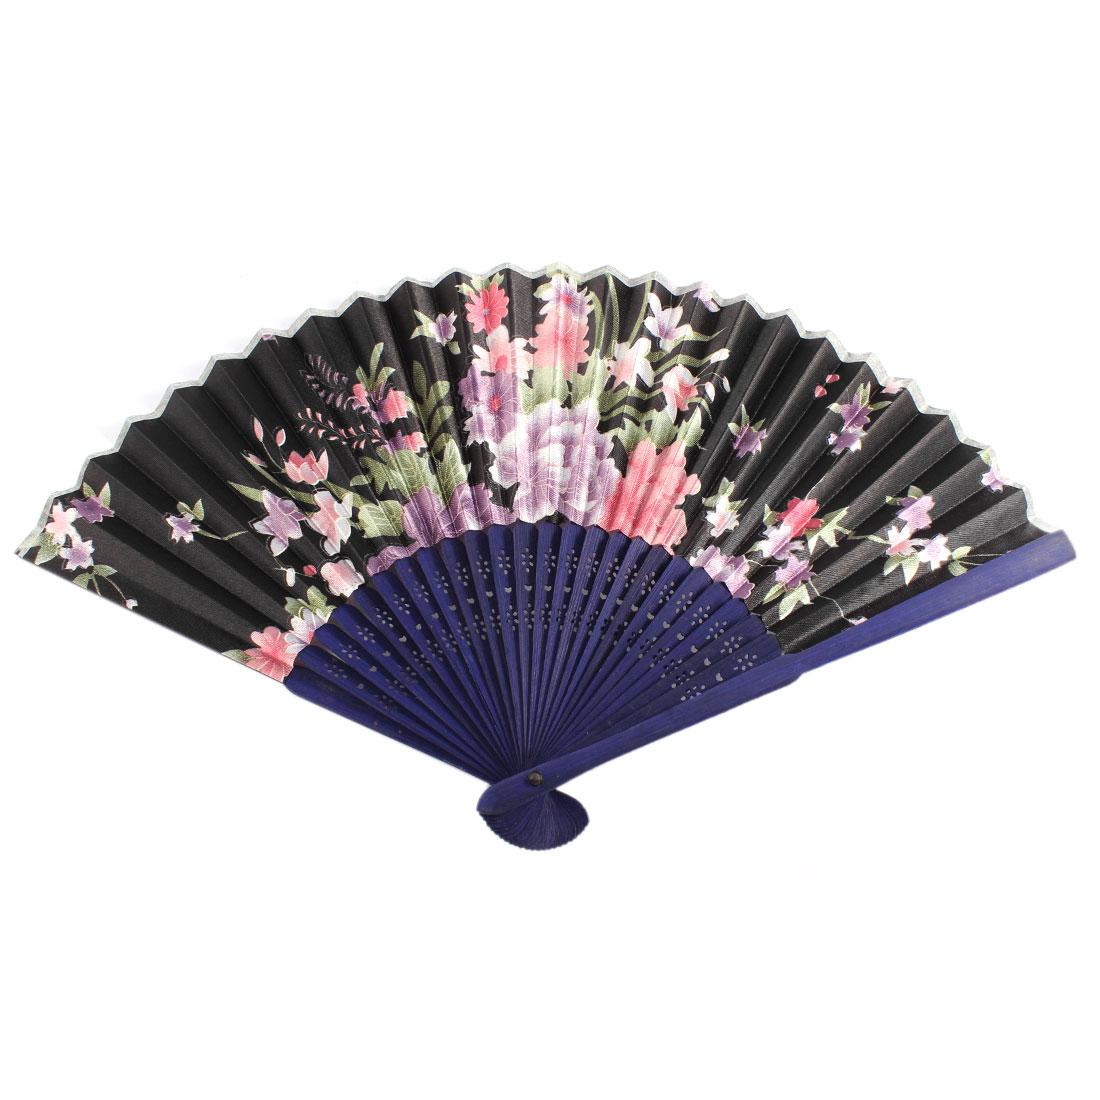 Navy Blue Bamboo Ribs Flower Pattern Folding Hand Dancing Fan